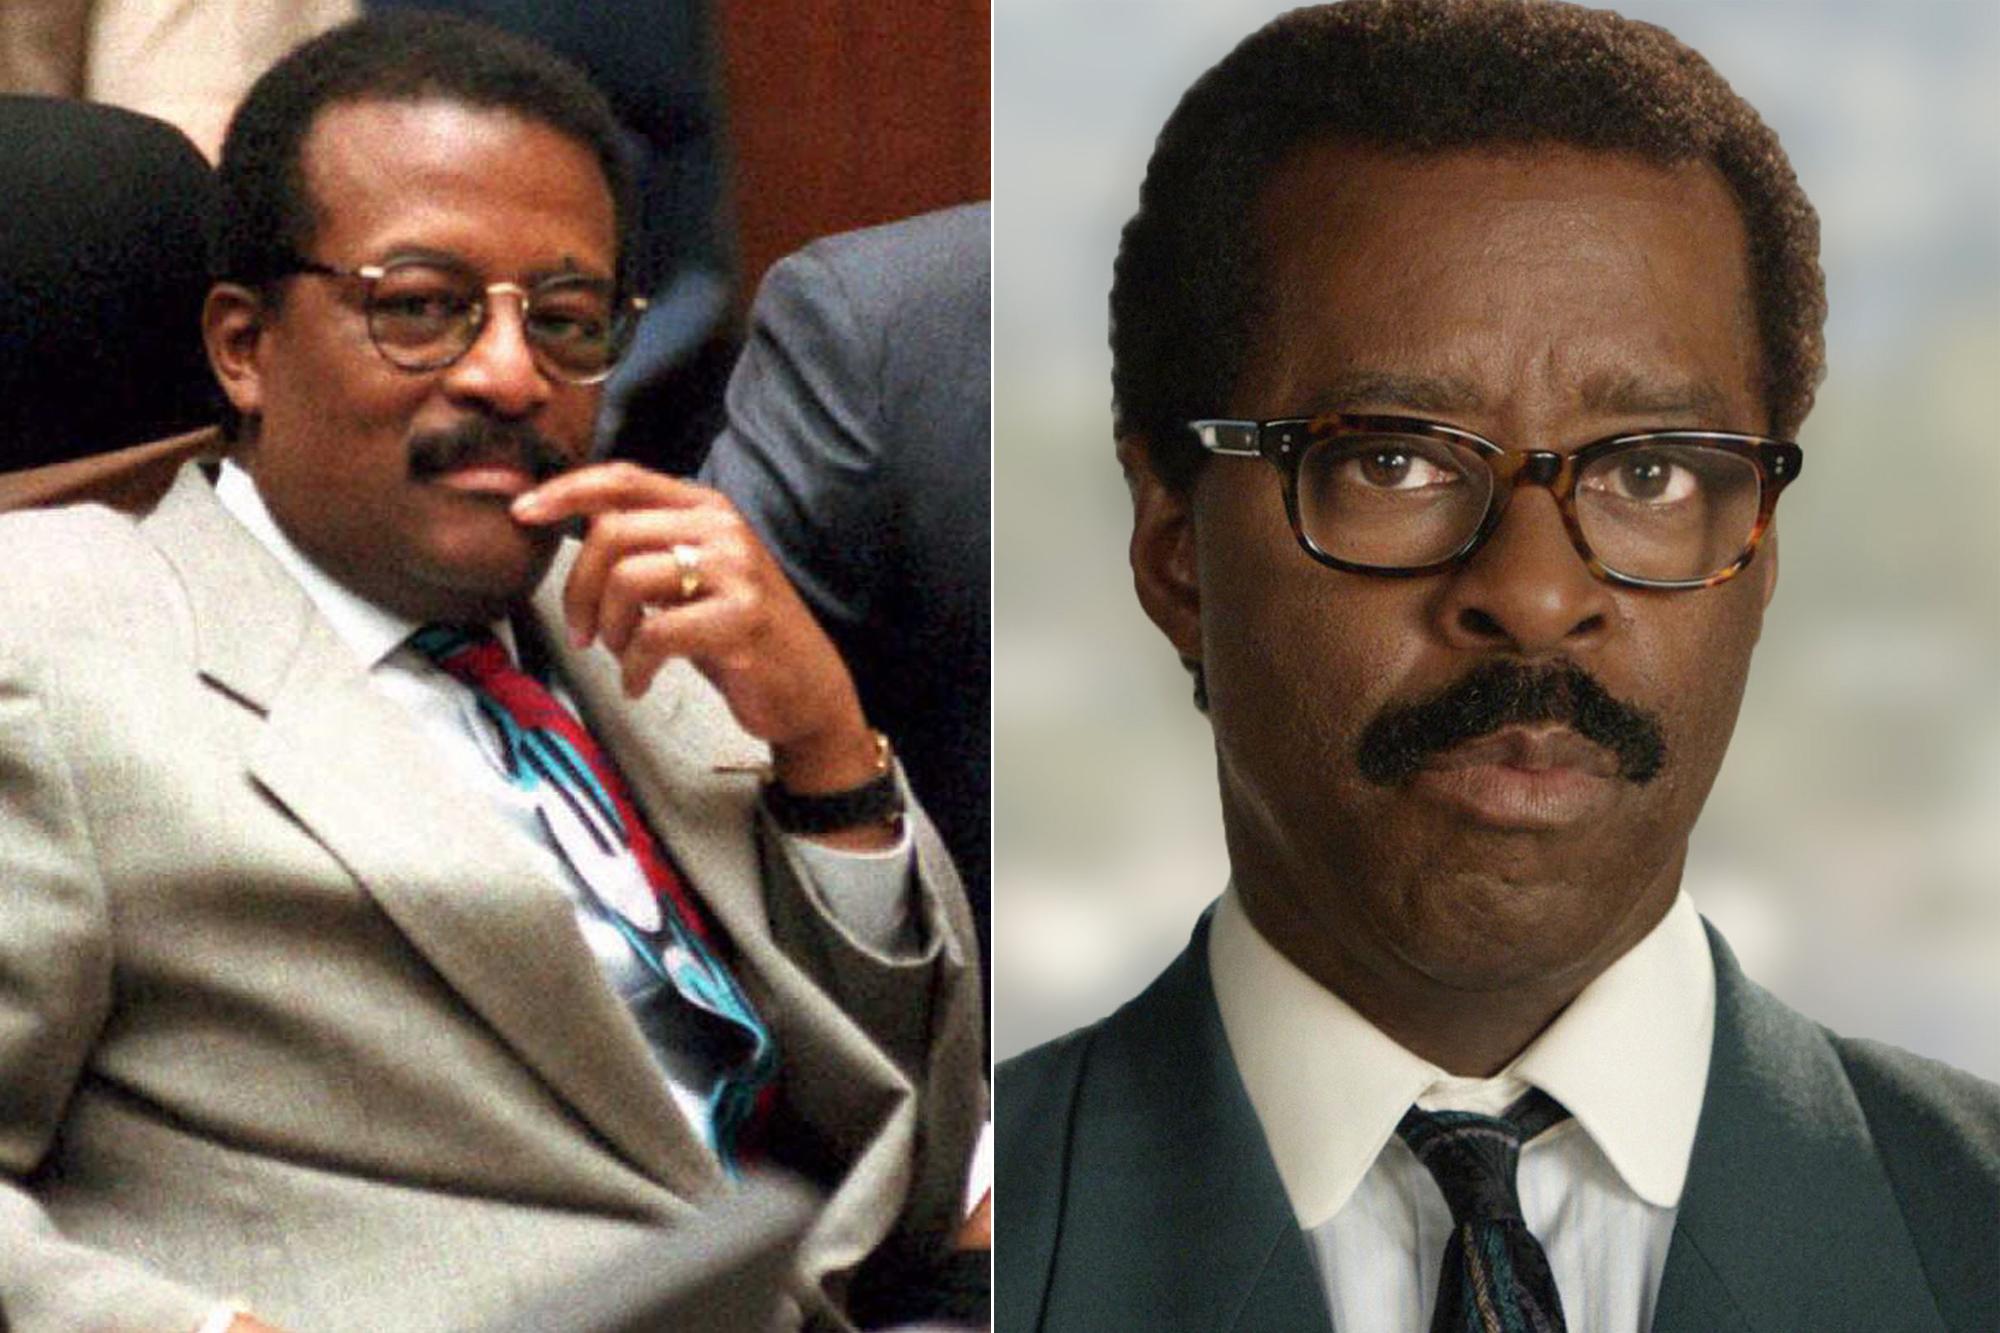 Left: Defense attorney Johnnie Cochran; Right: Courtney B. Vance.